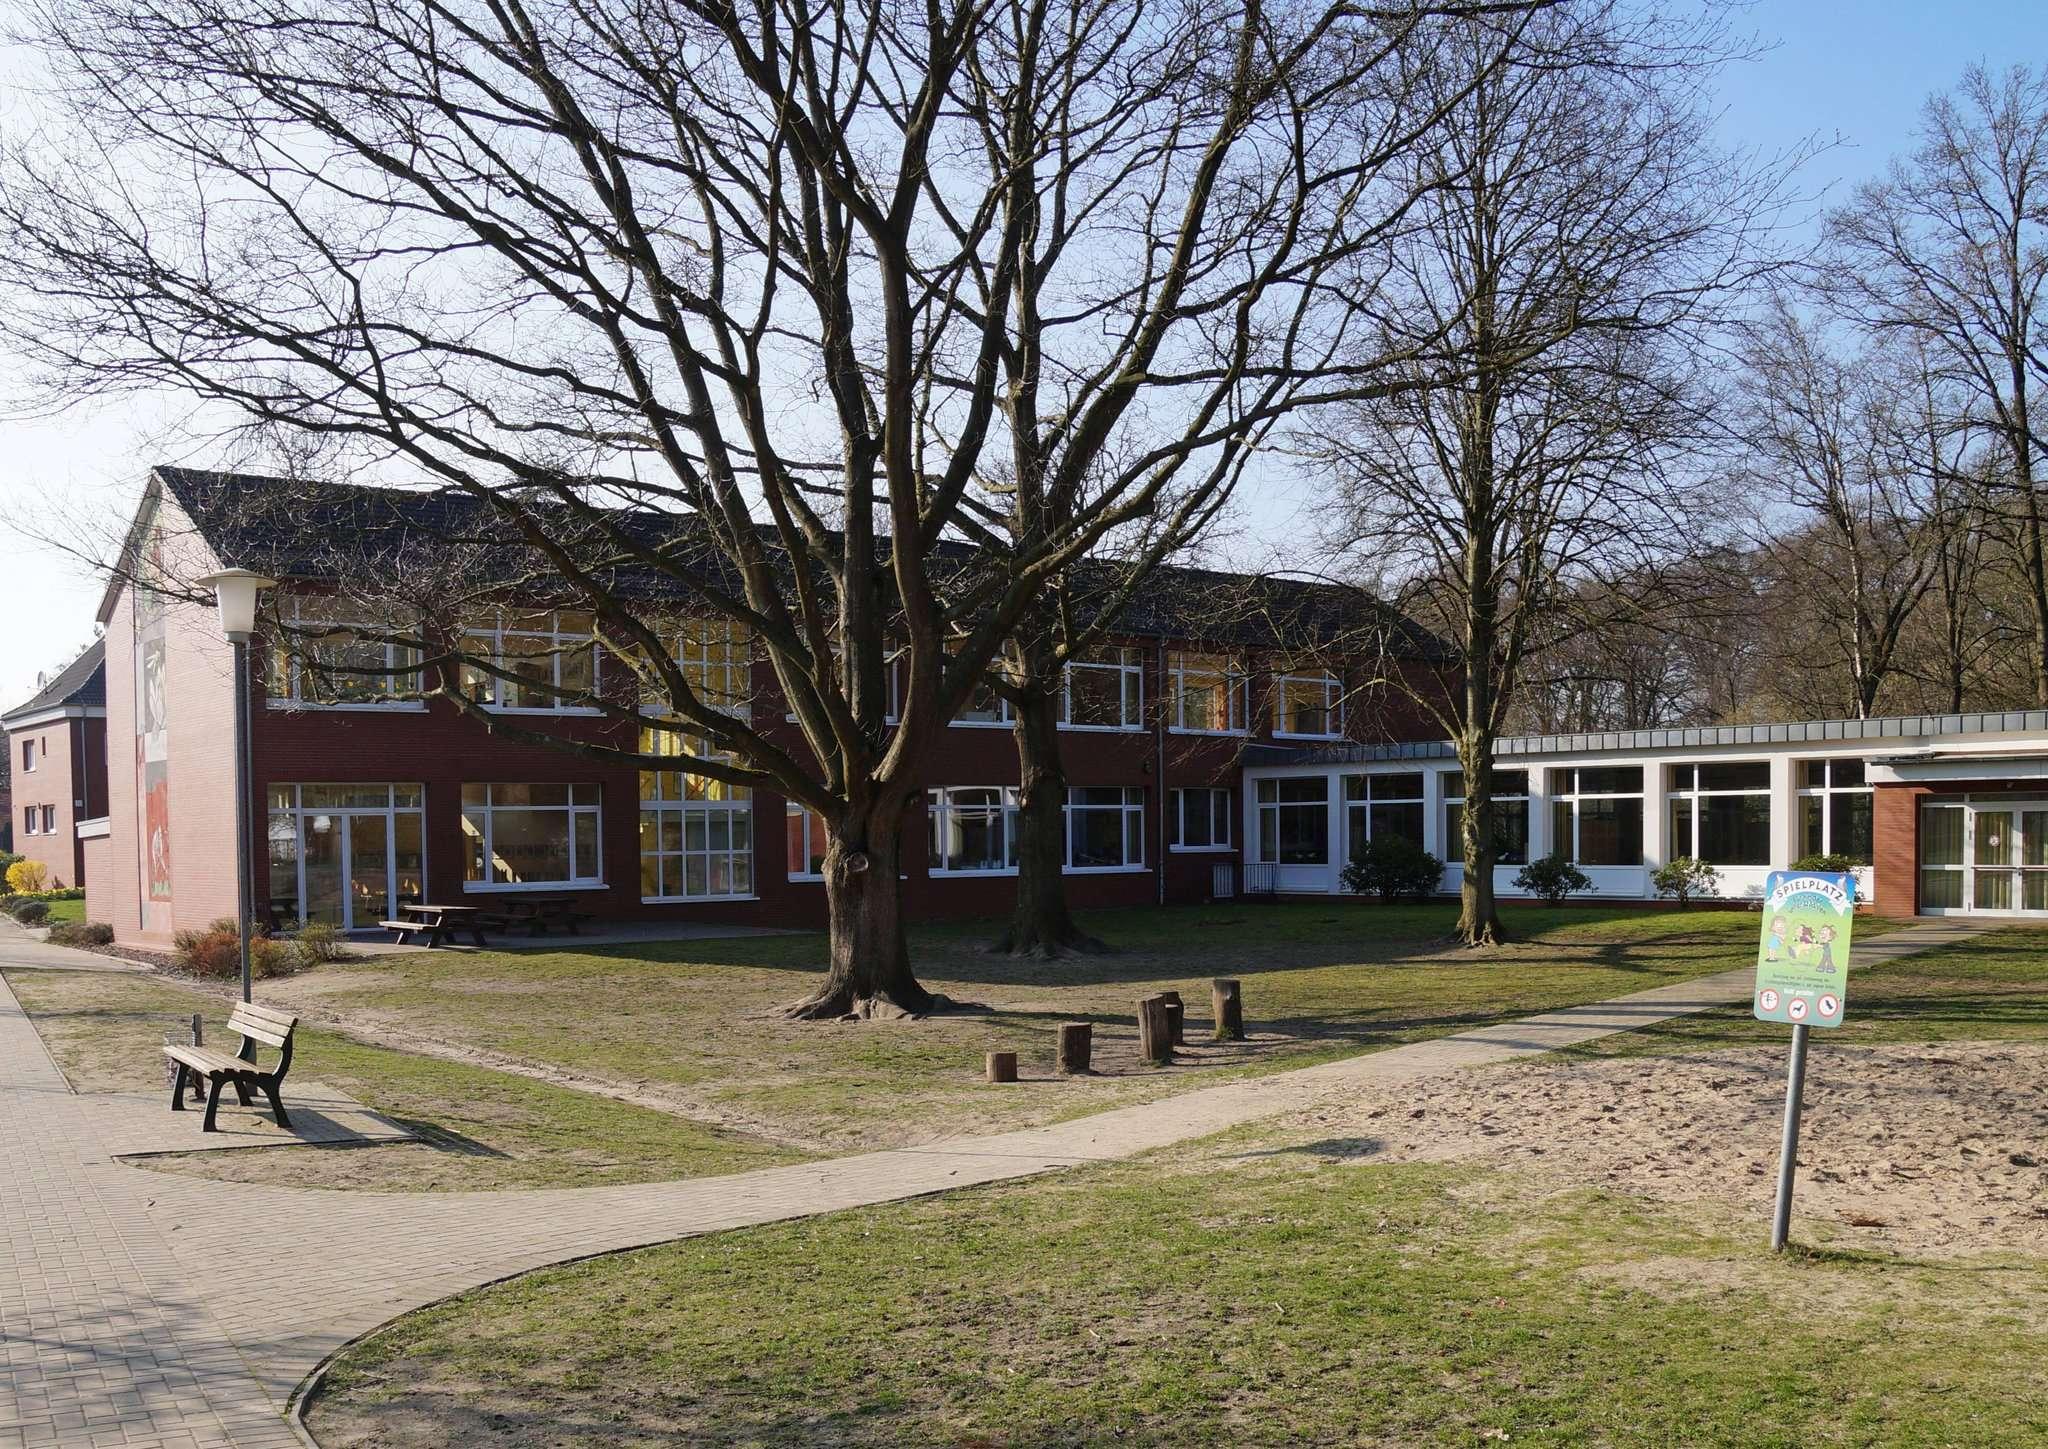 Es ist beschlossene Sache: Die Grundschule an der Wümme bleibt am bestehenden Standort und wird erweitert. Fotos: Hans-Jörg Werth